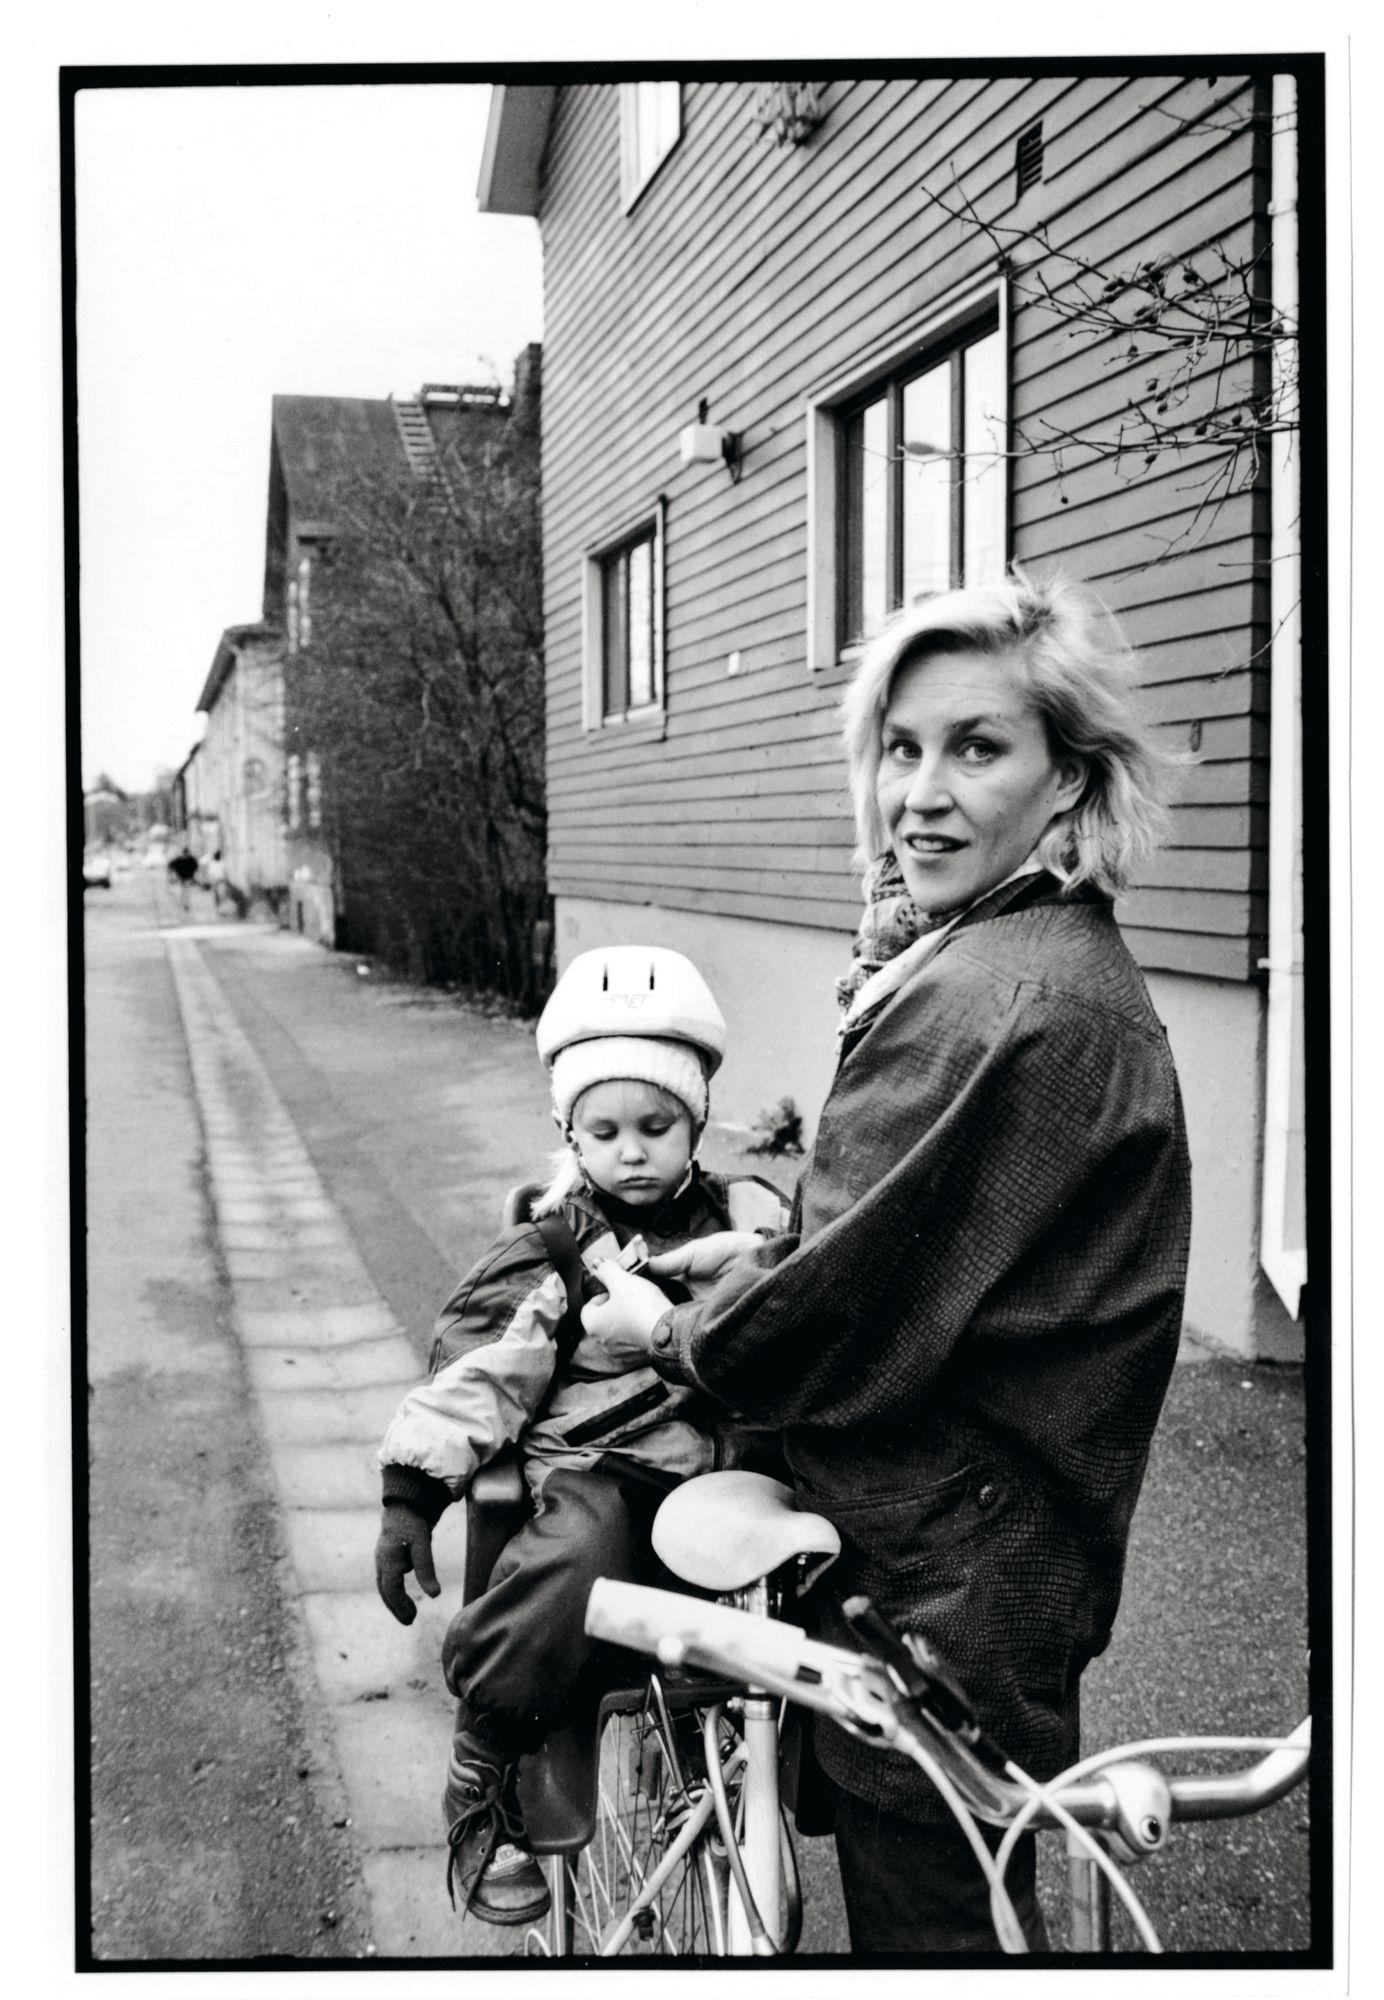 """""""Kuvassa eletään 1980-luvun loppua Helsingin Kumpulassa, jossa tuohon aikaan asuimme. Tyttäreni Sinna on parivuotias ja olemme lähdössä pyöräilemään."""" © Ari Heinonen/Otavamedia"""